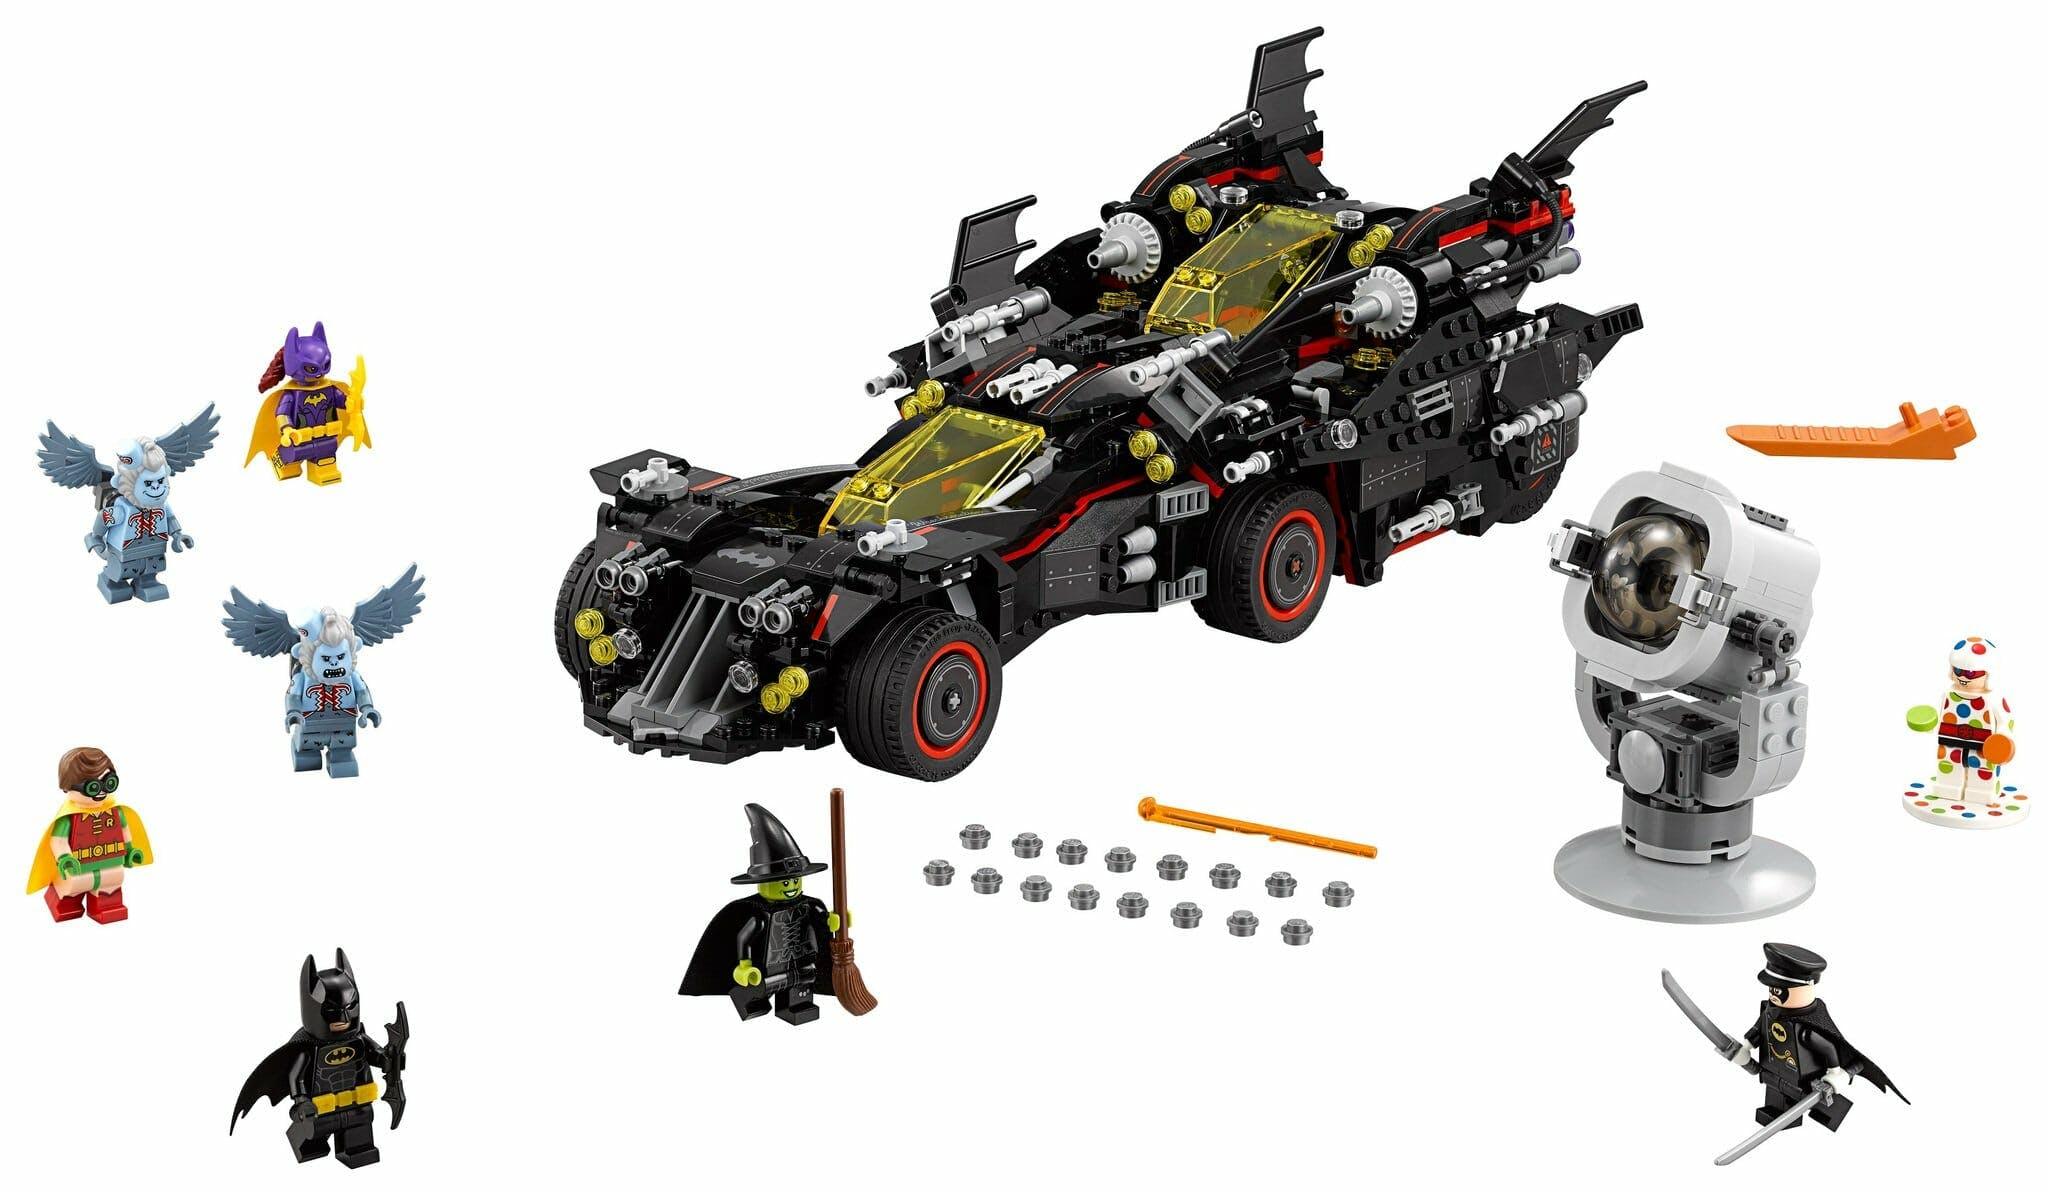 lego batman sets Ultimate Batmobile (2017)